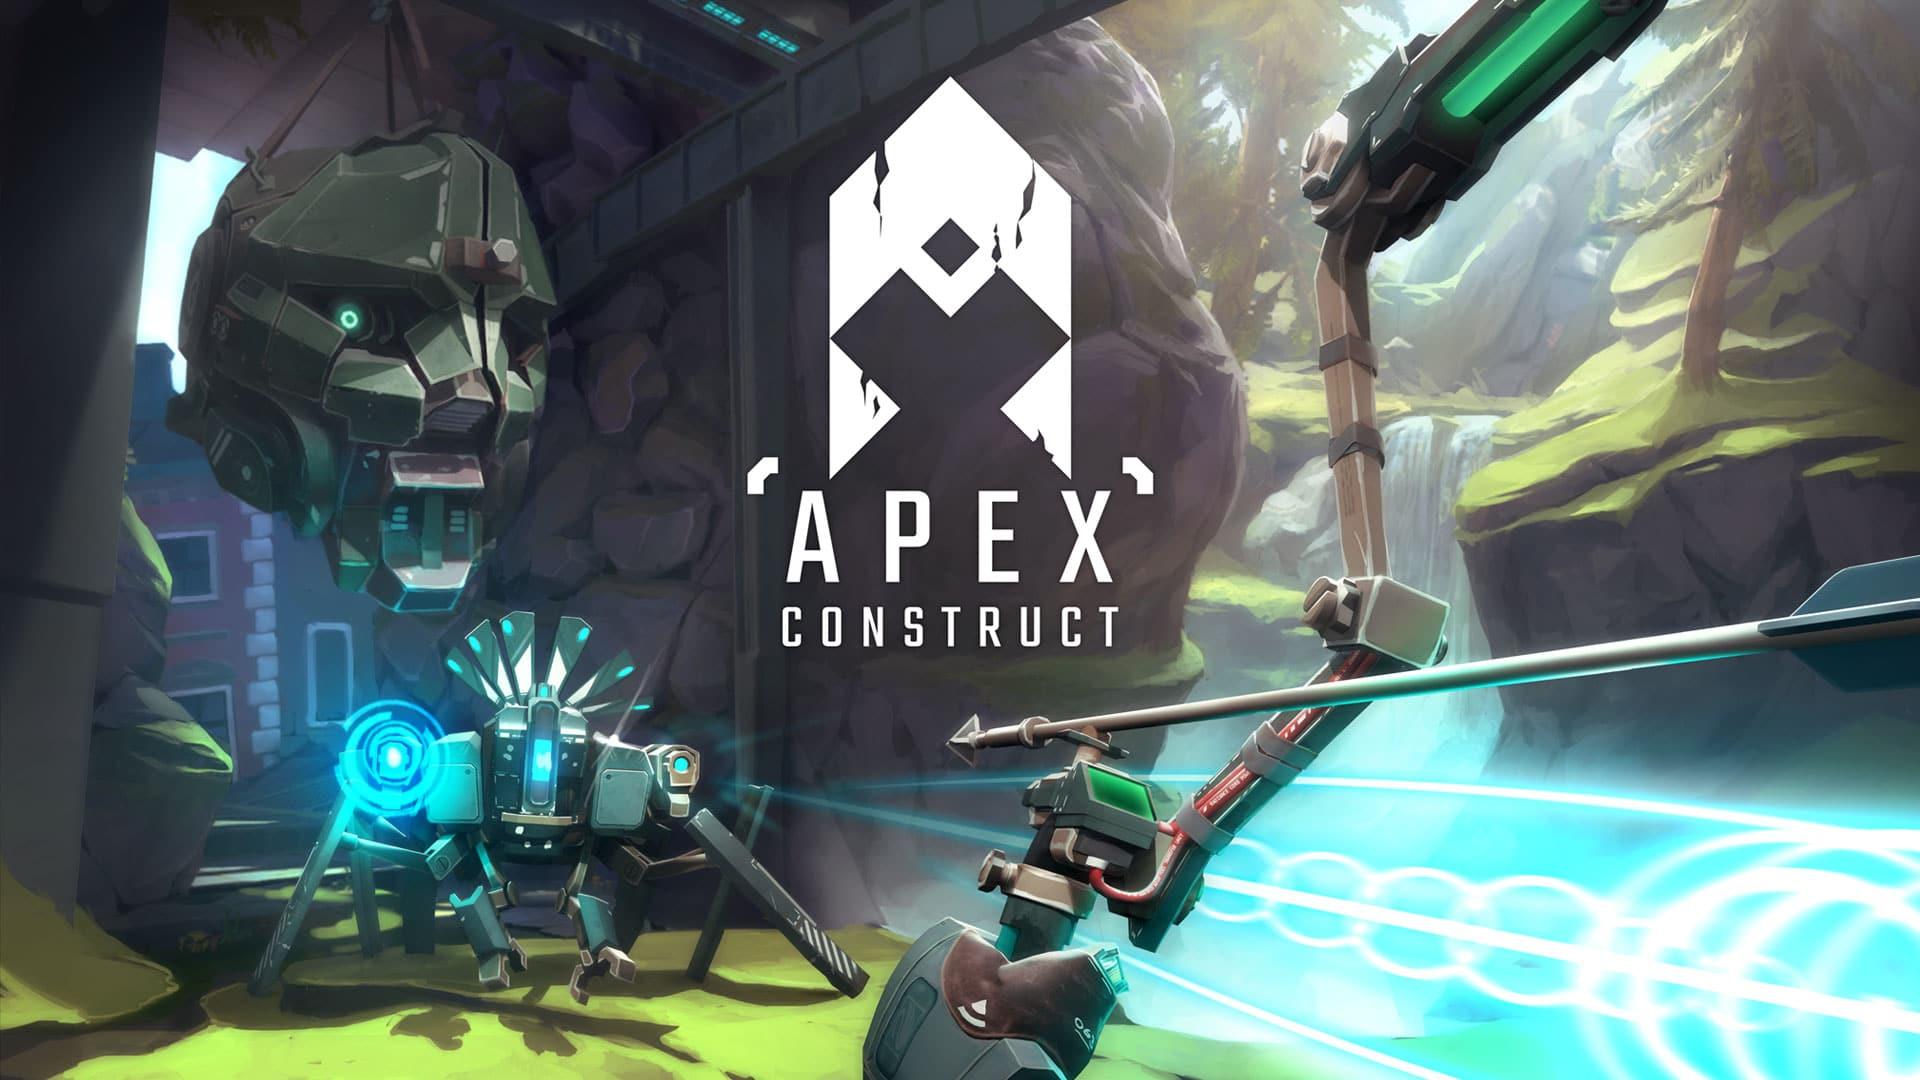 Apex Construct en exclusivité temporaire sur PSVR - vrplayer.fr